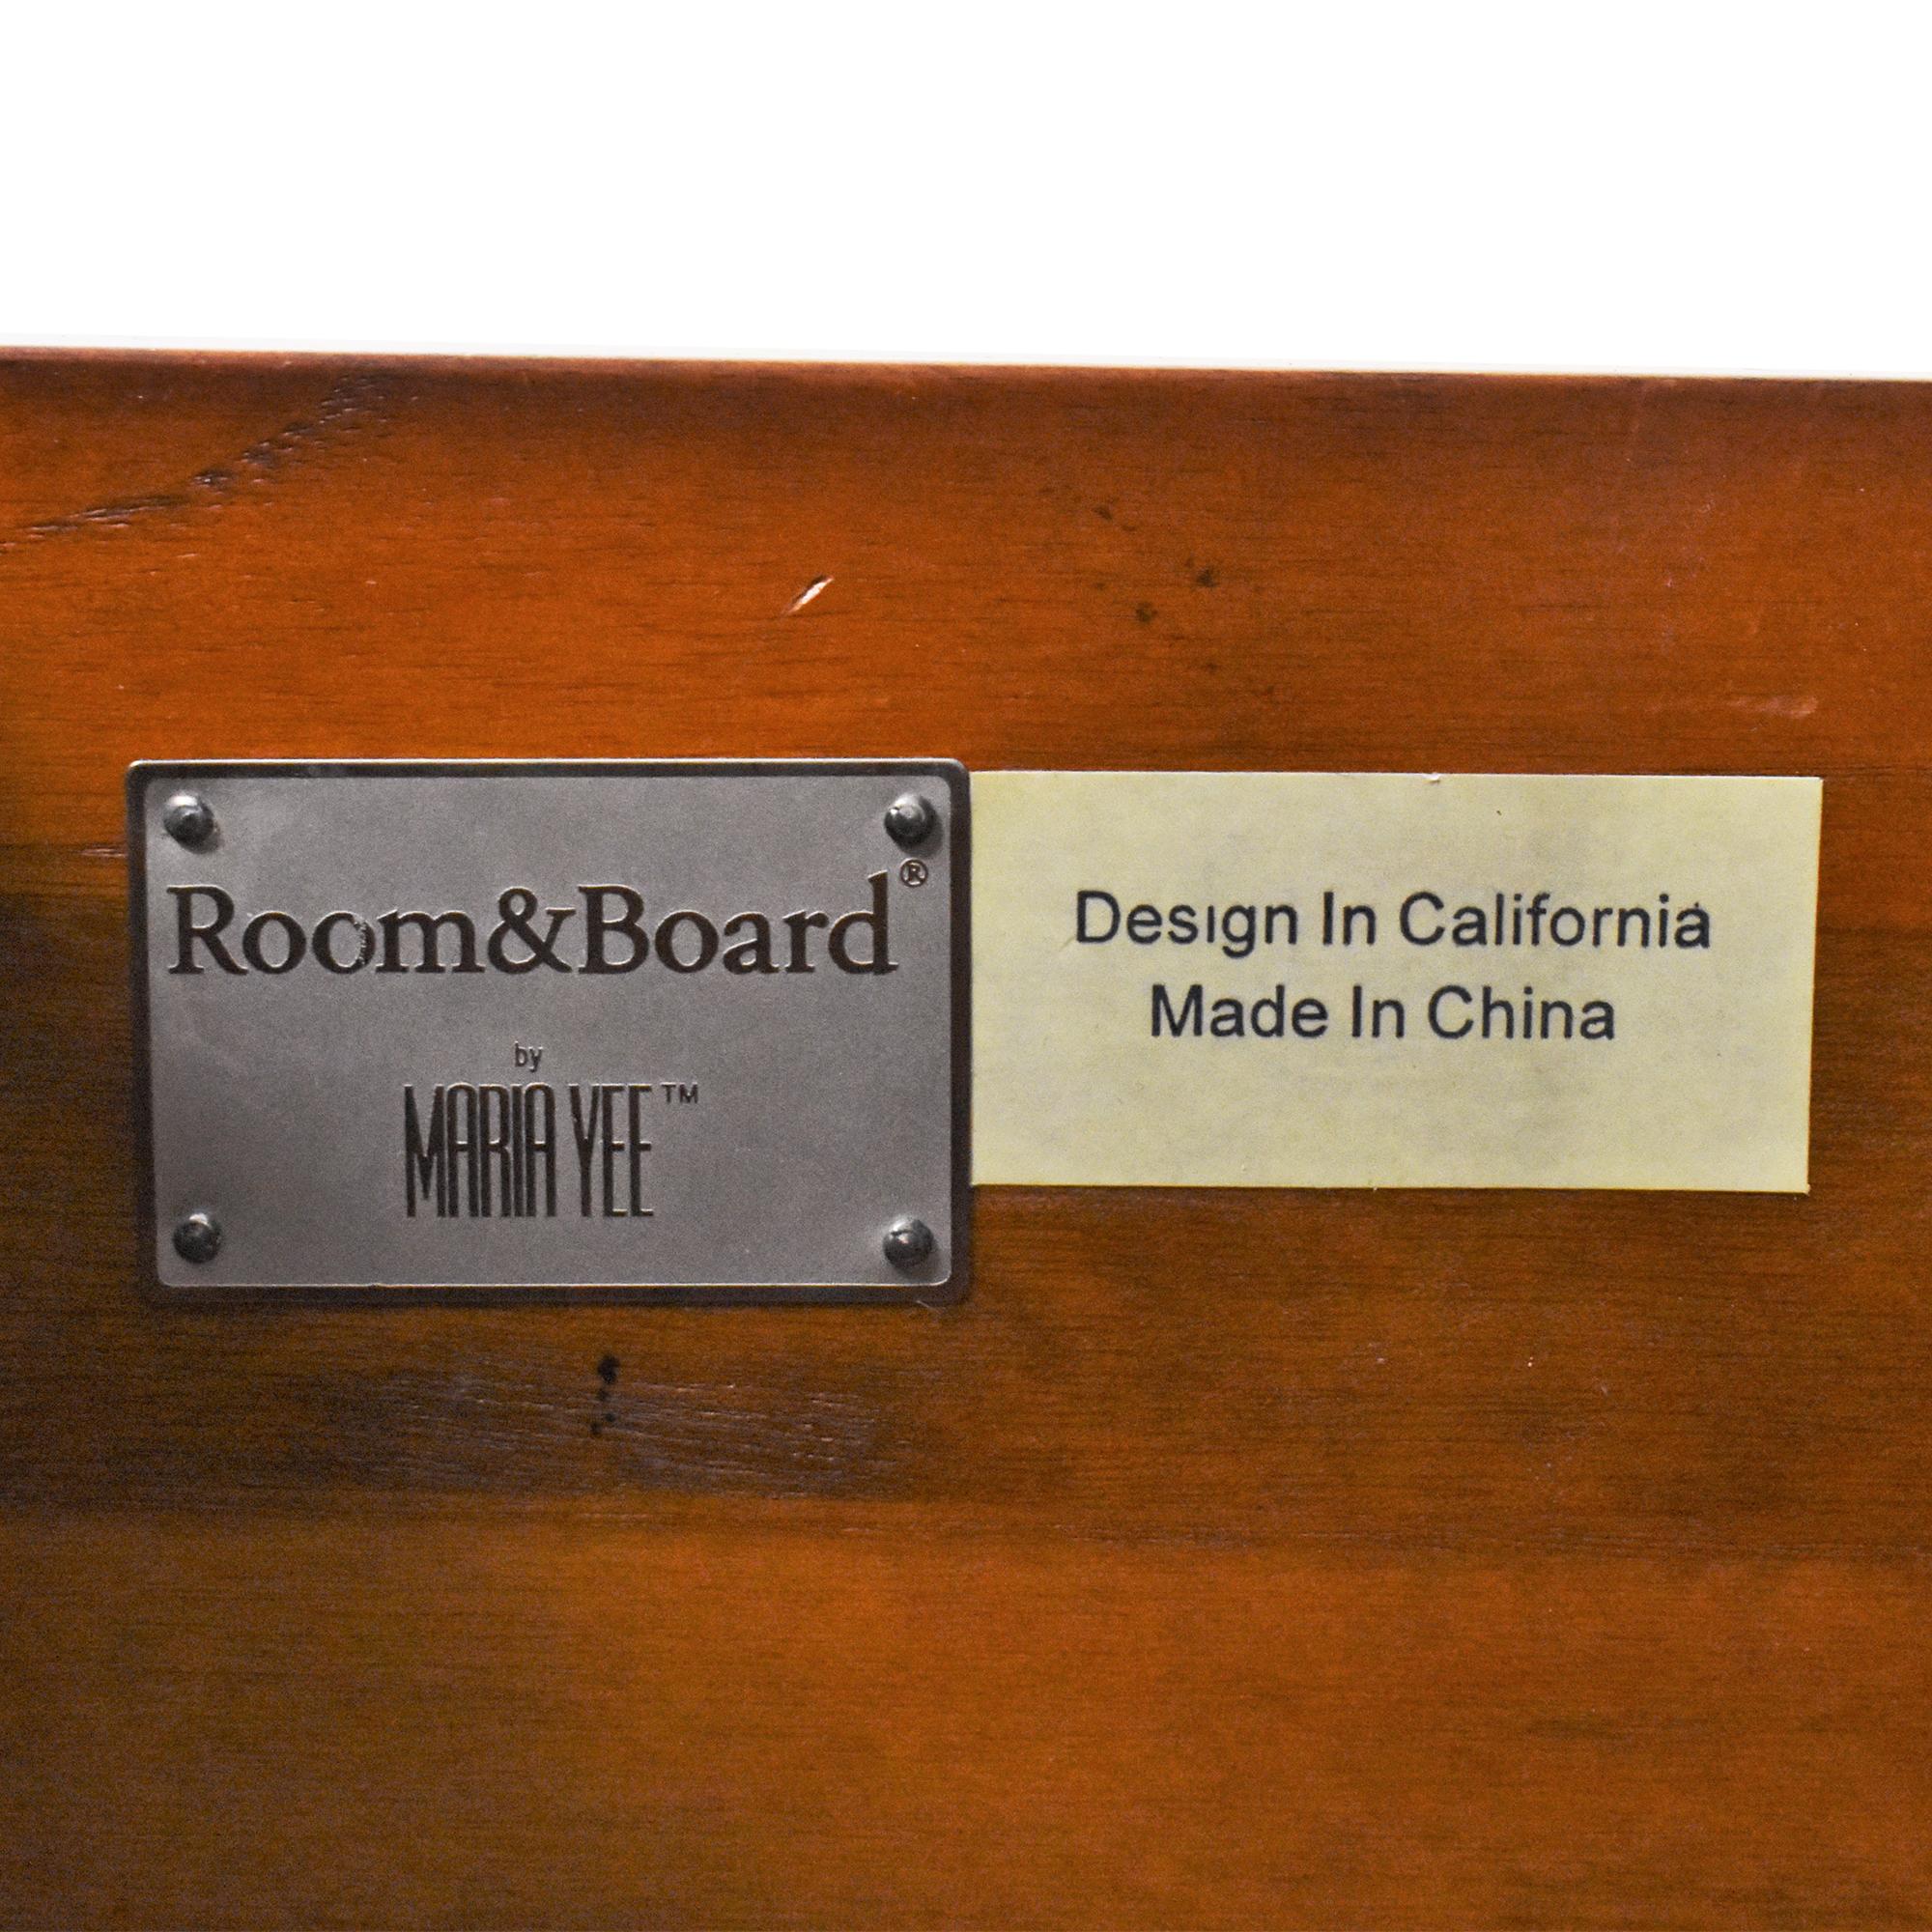 Room & Board Room & Board Maria Yee Media Console used